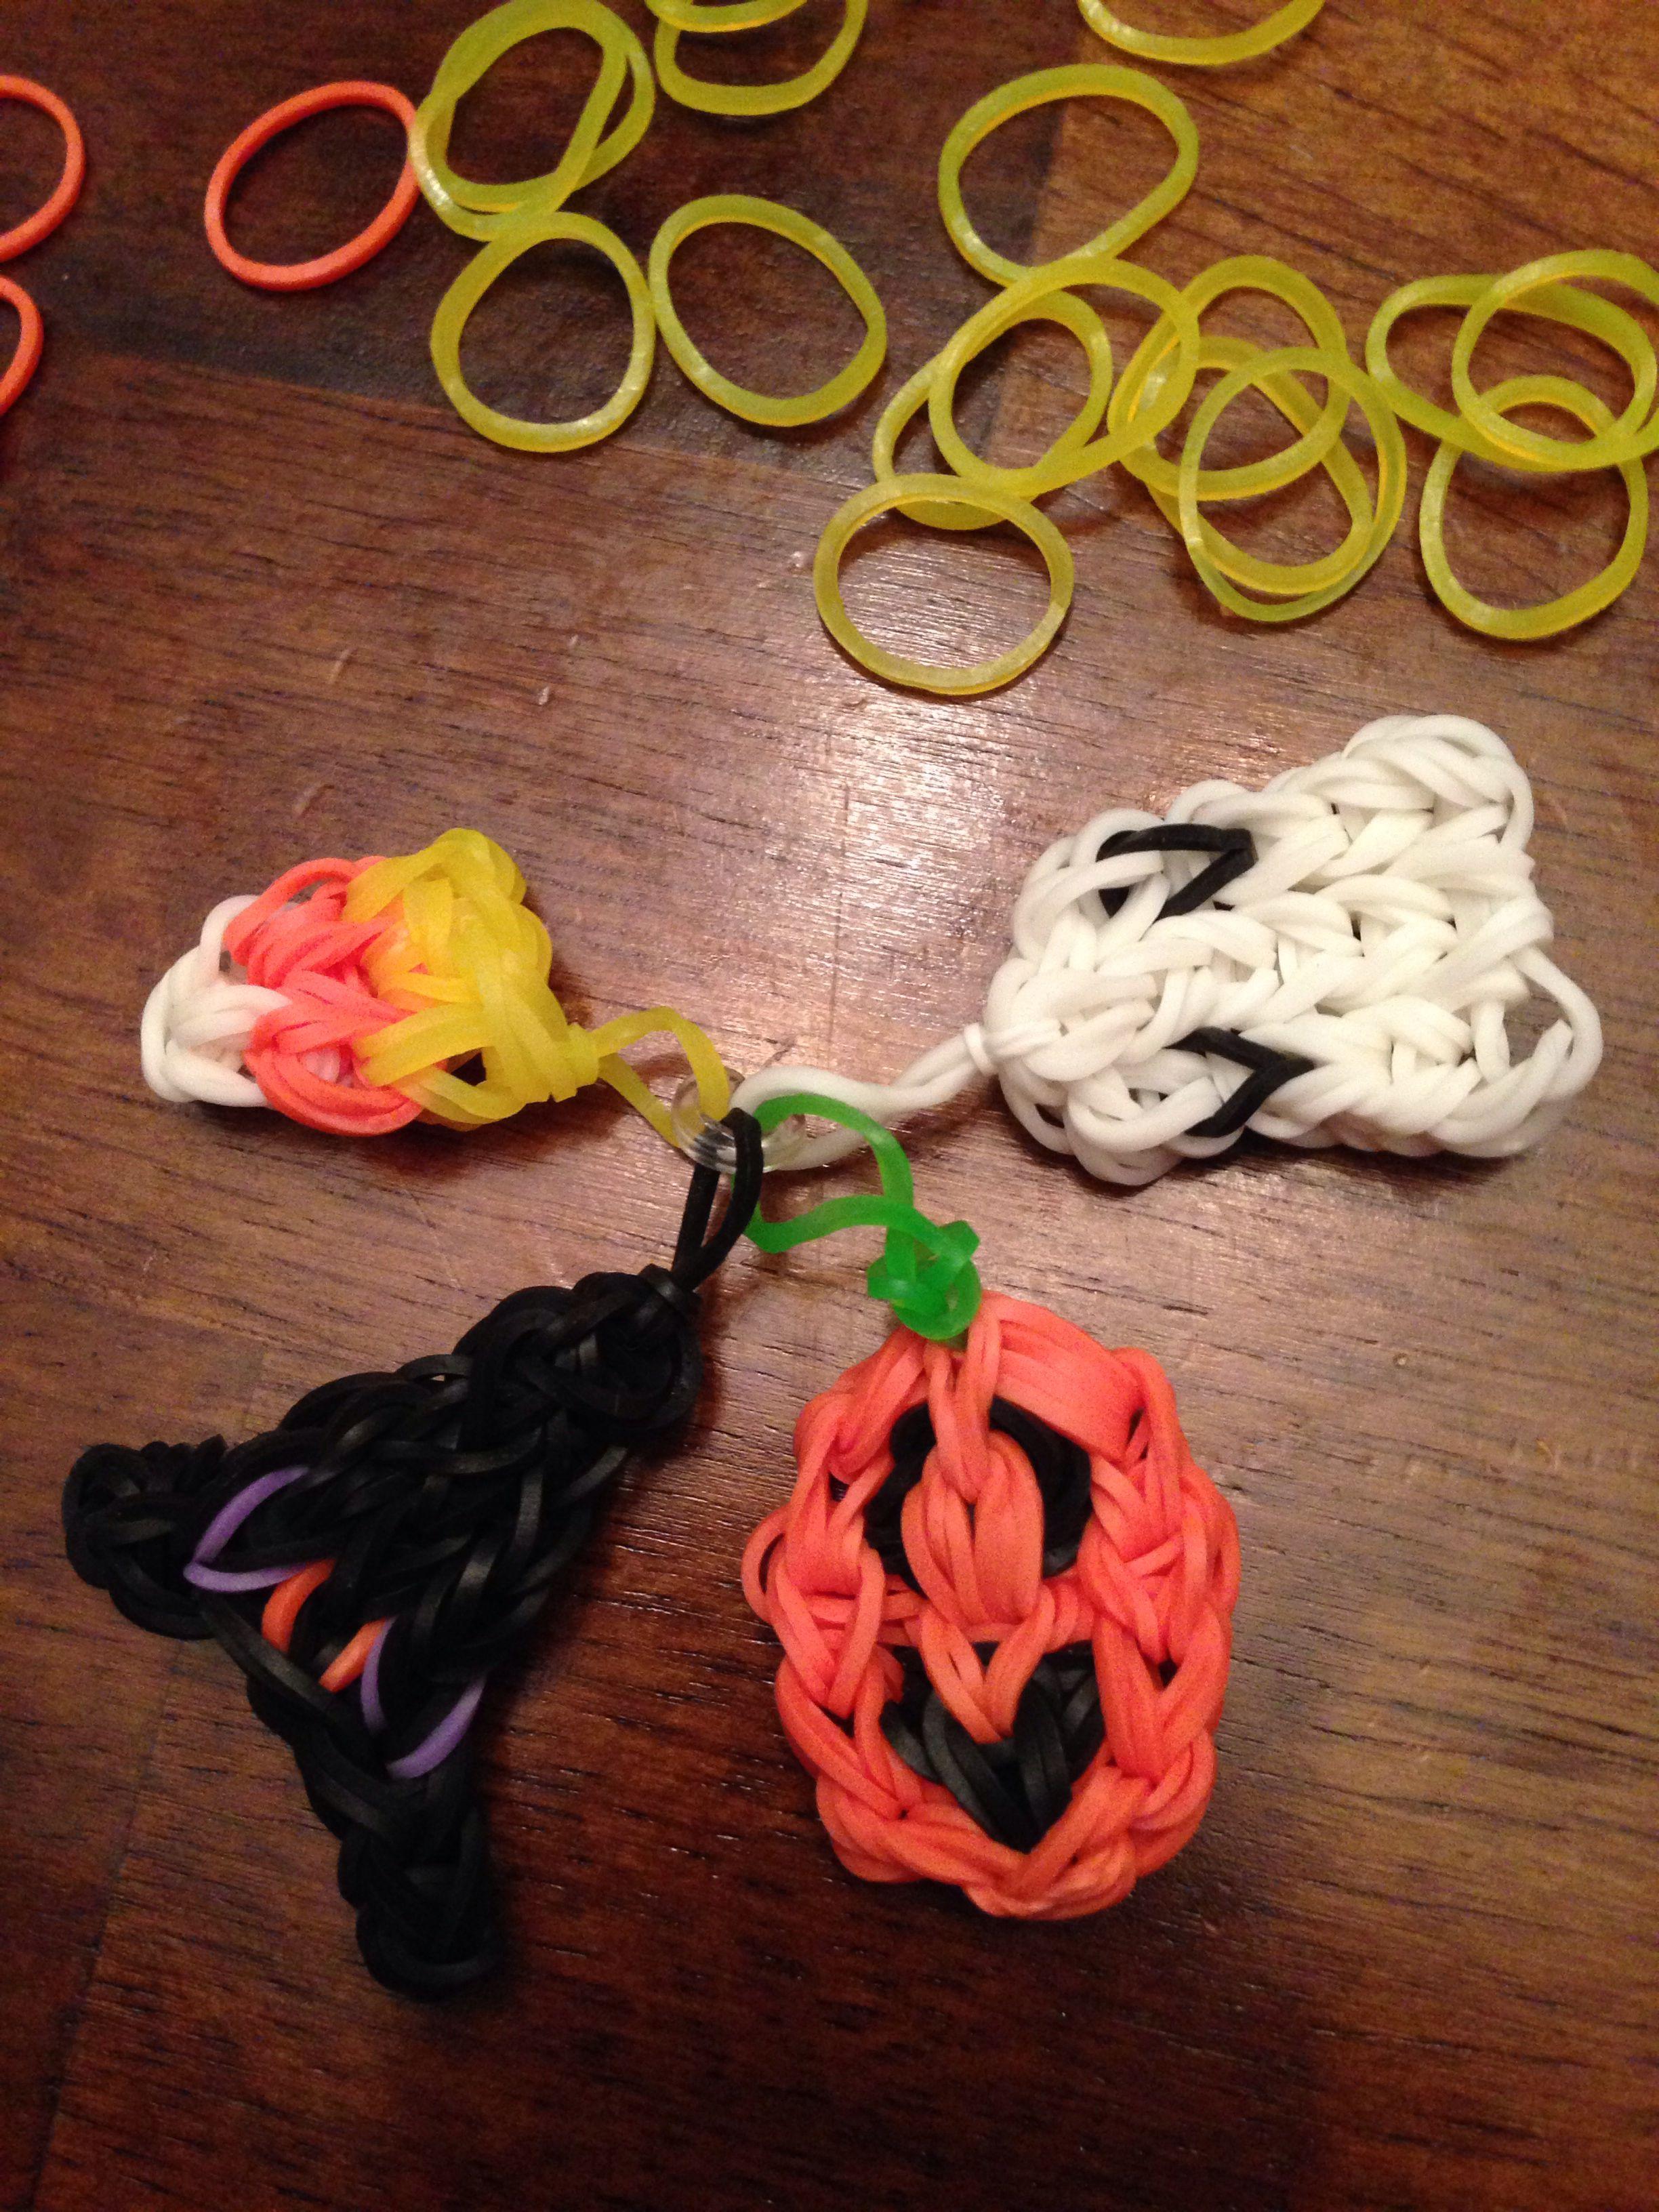 Плетение из резинок пошаговая инструкция